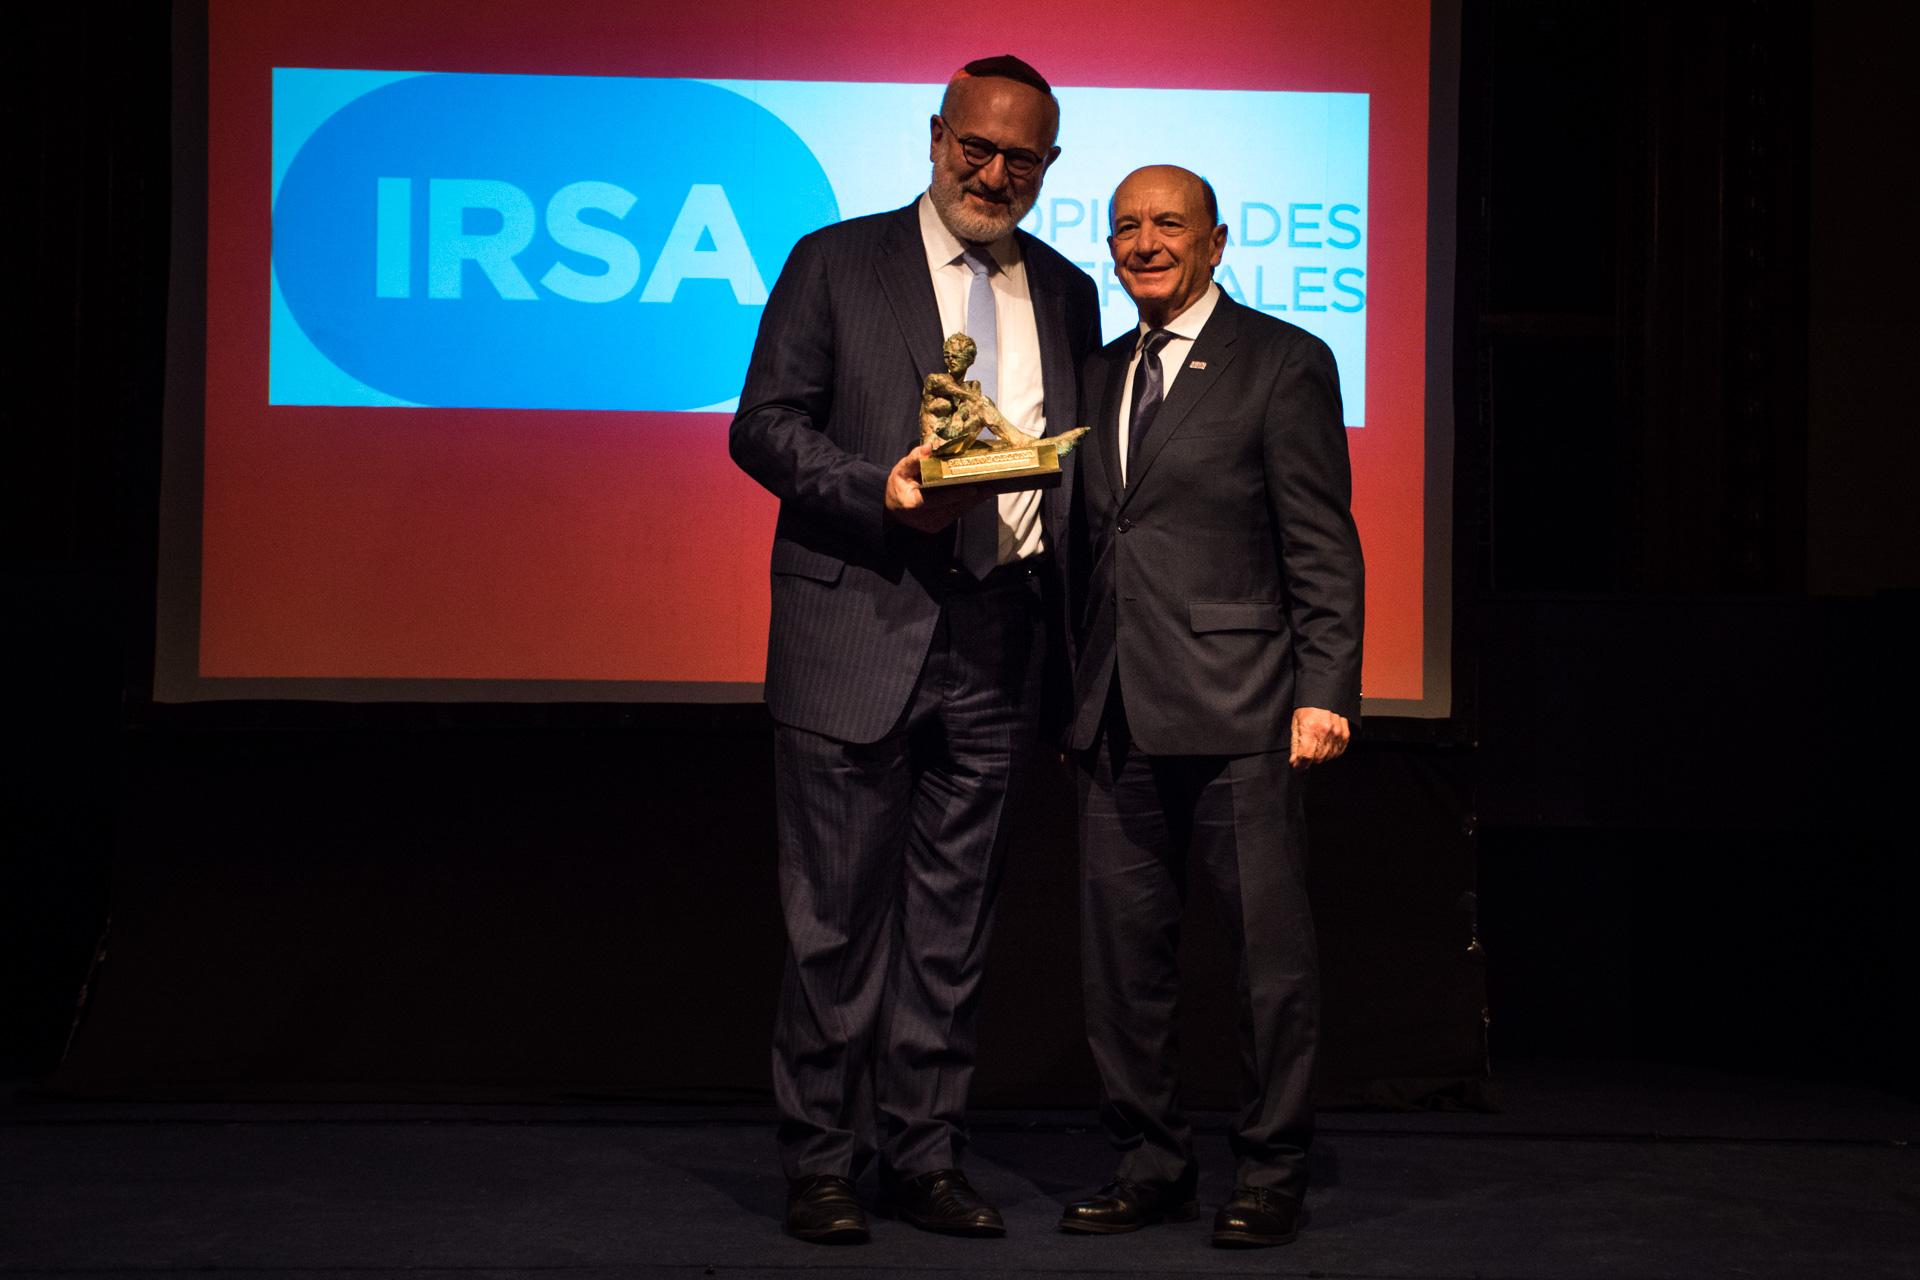 IRSA Propiedades Comerciales ganó el premio Mejor Empresa de Real Estate. Recibió el presidente del Grupo IRSA, Eduardo Elsztain, de manos del presidente de Coto, Alfredo Coto